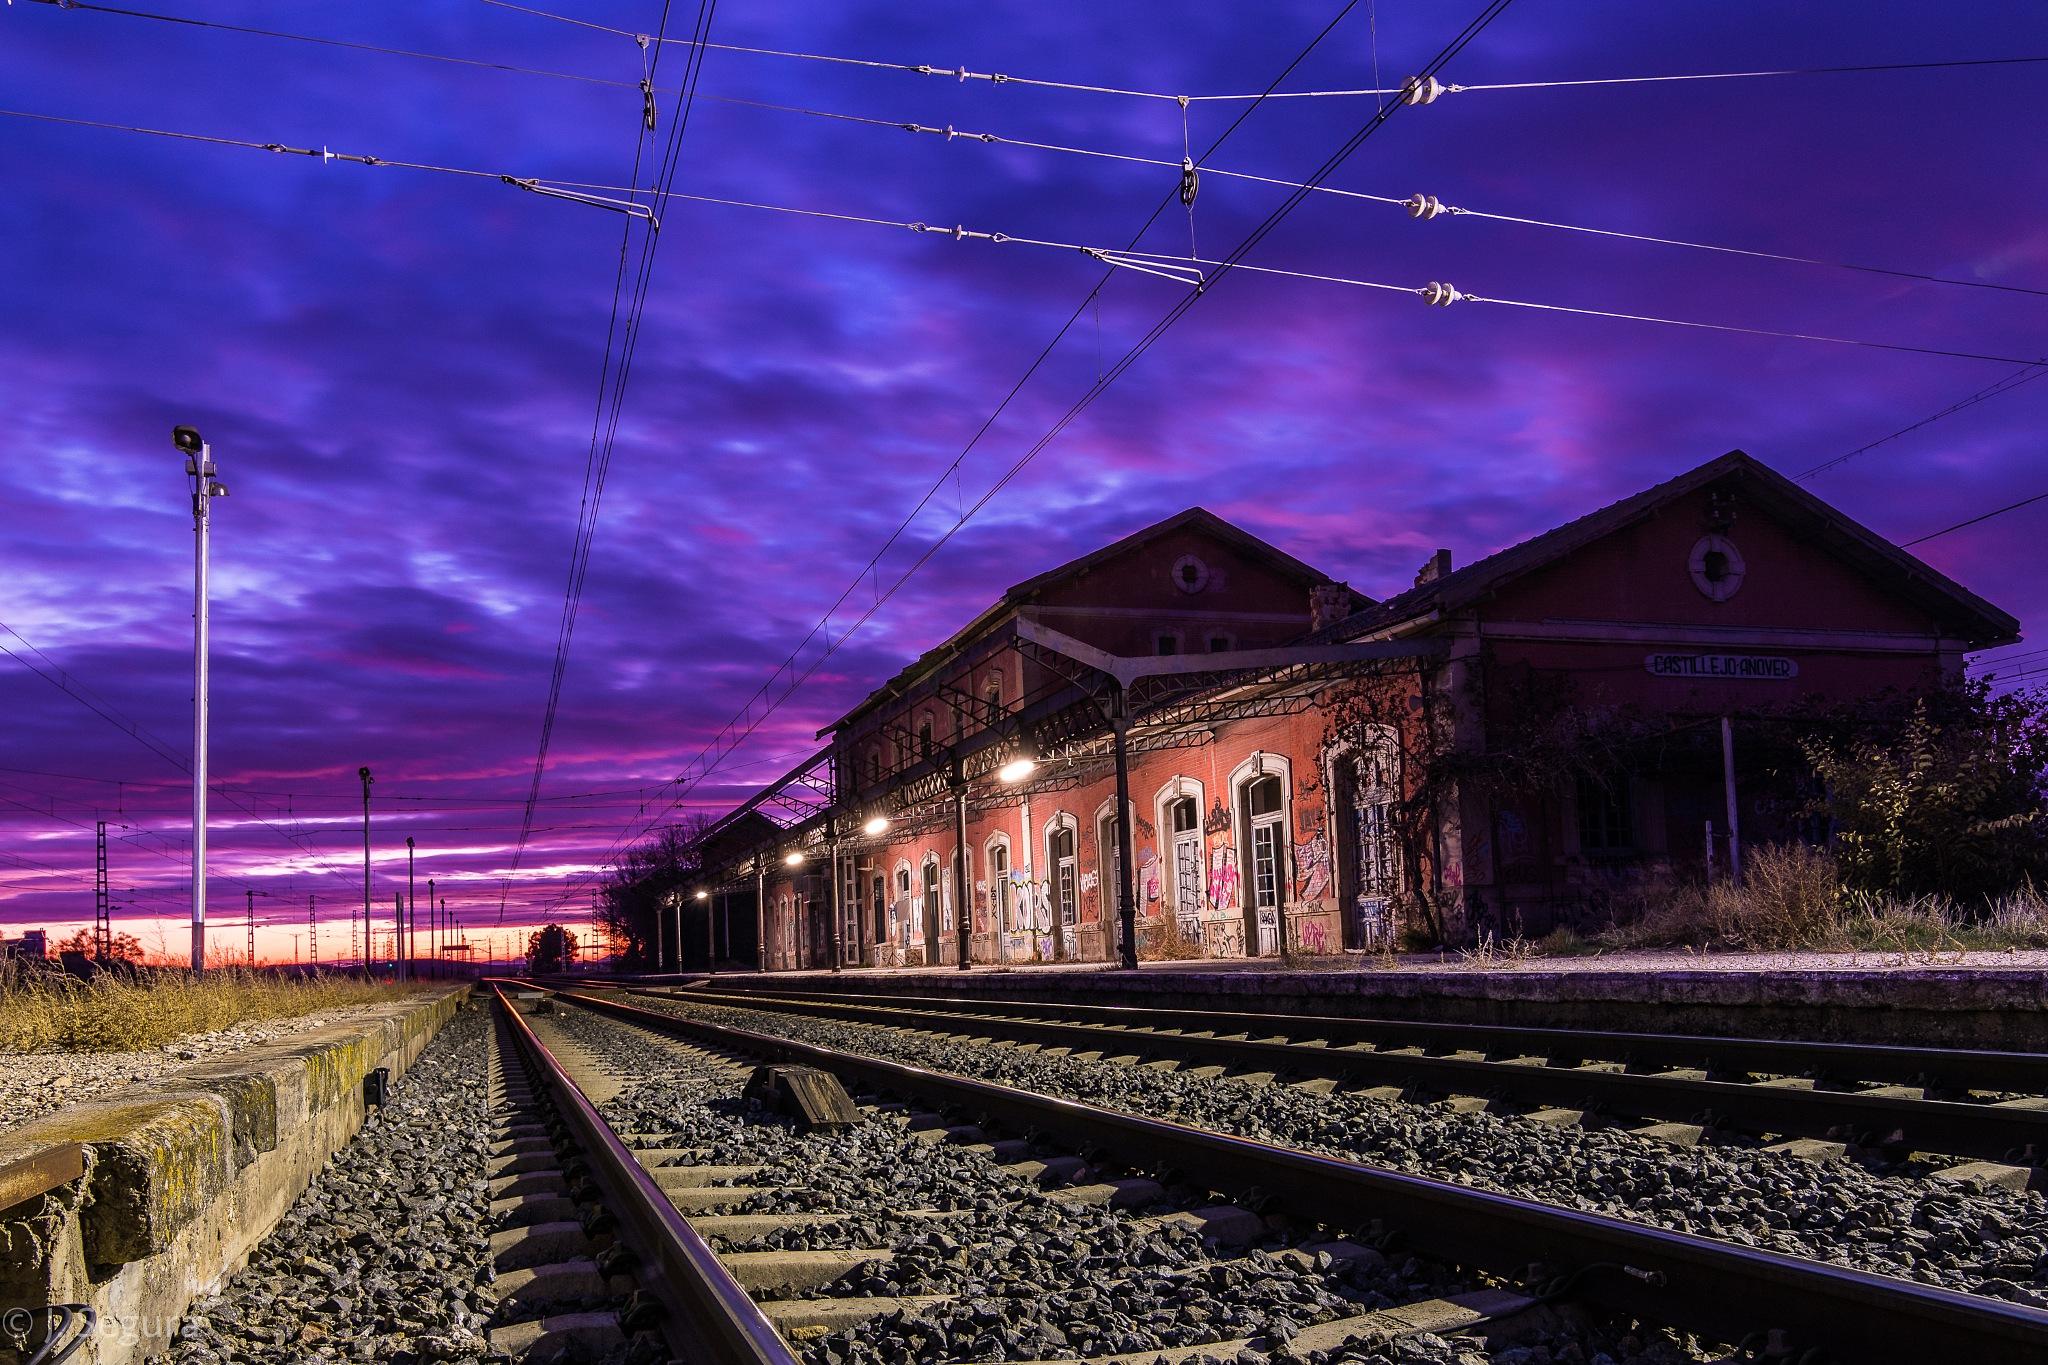 Estación Castillejo-Añover II by YorchSeif